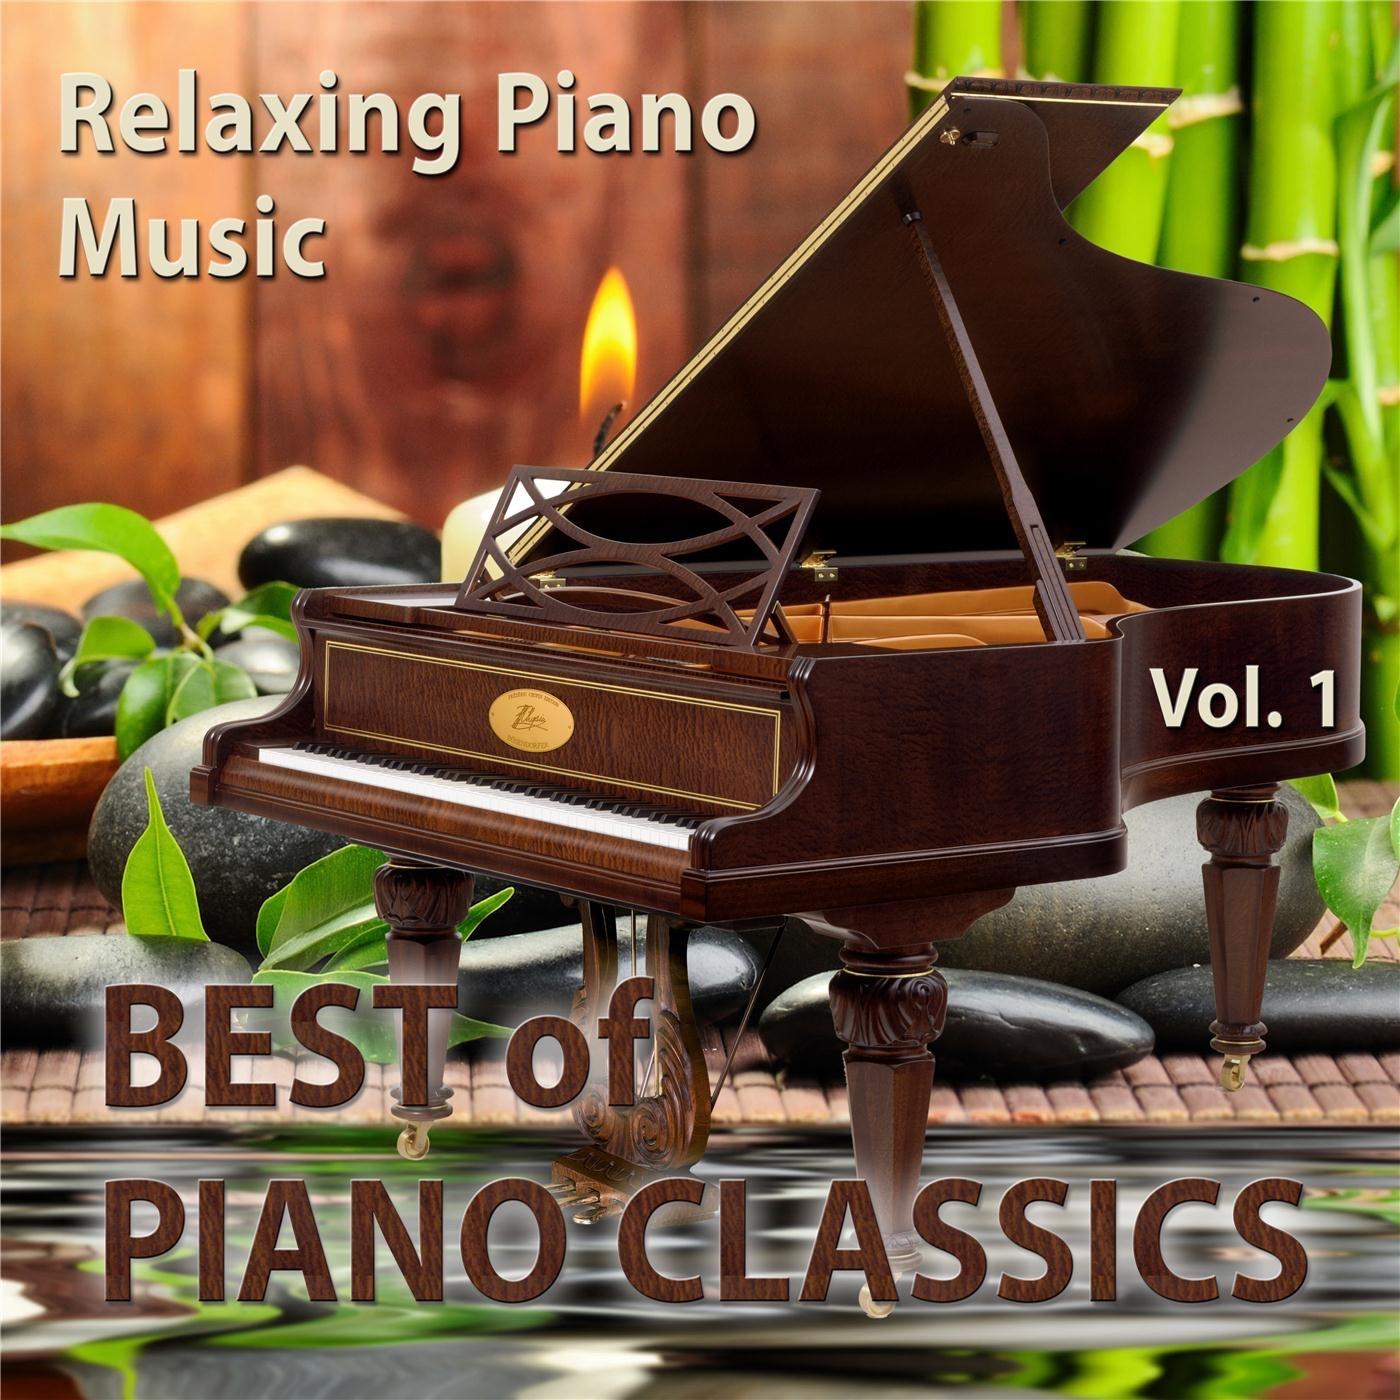 Best of Piano Classics, Vol. 1